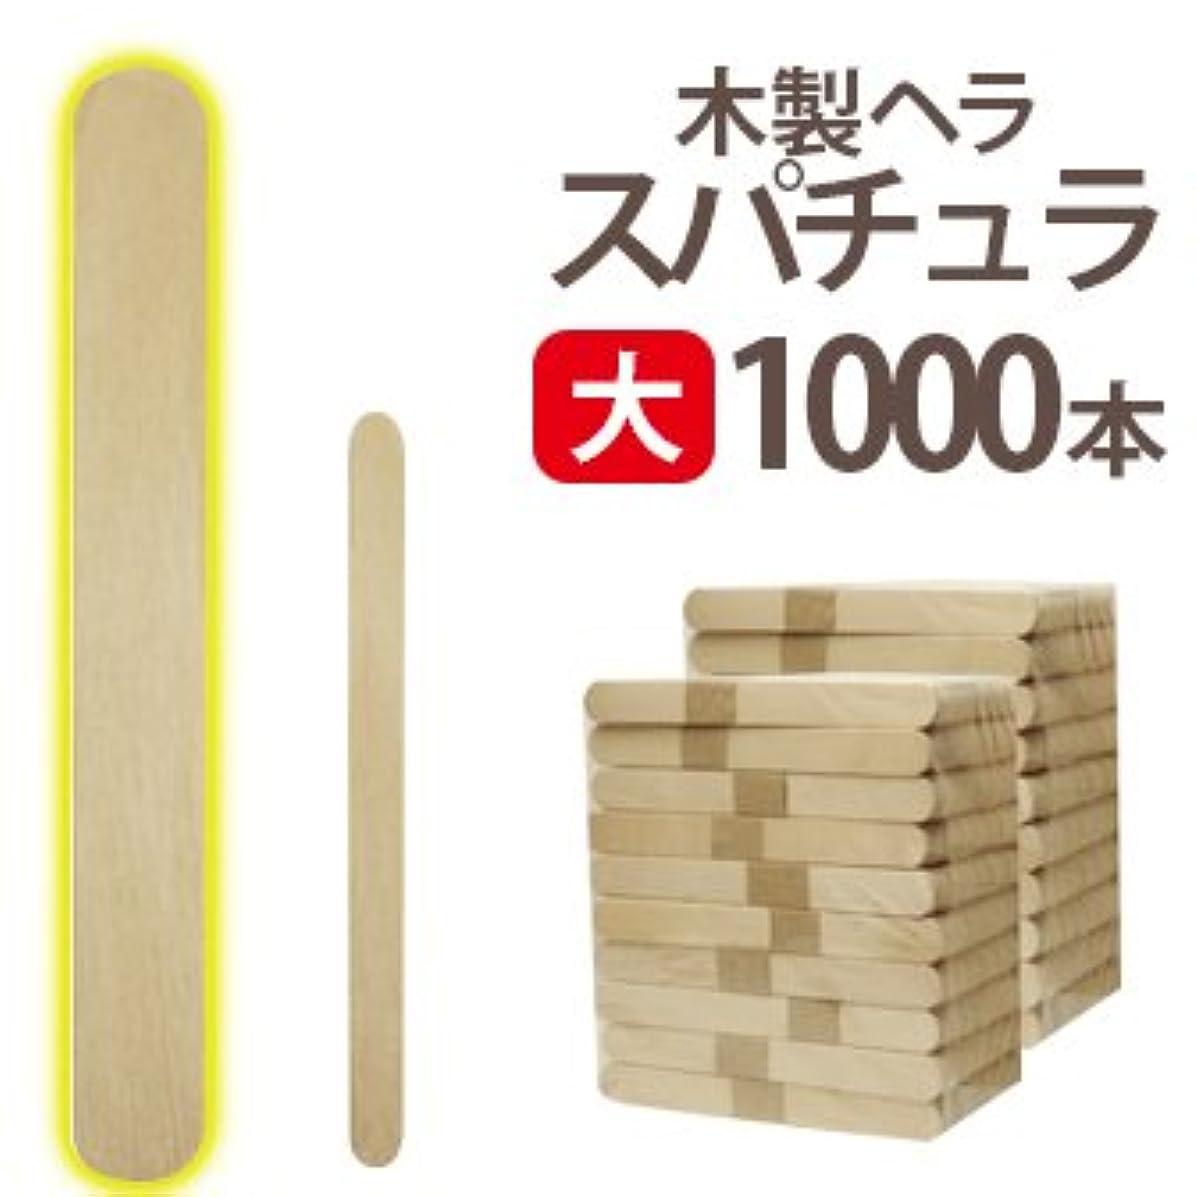 大 ブラジリアンワックス 業務用1000本 スパチュラ Aタイプ(個別梱包なし 150×16)